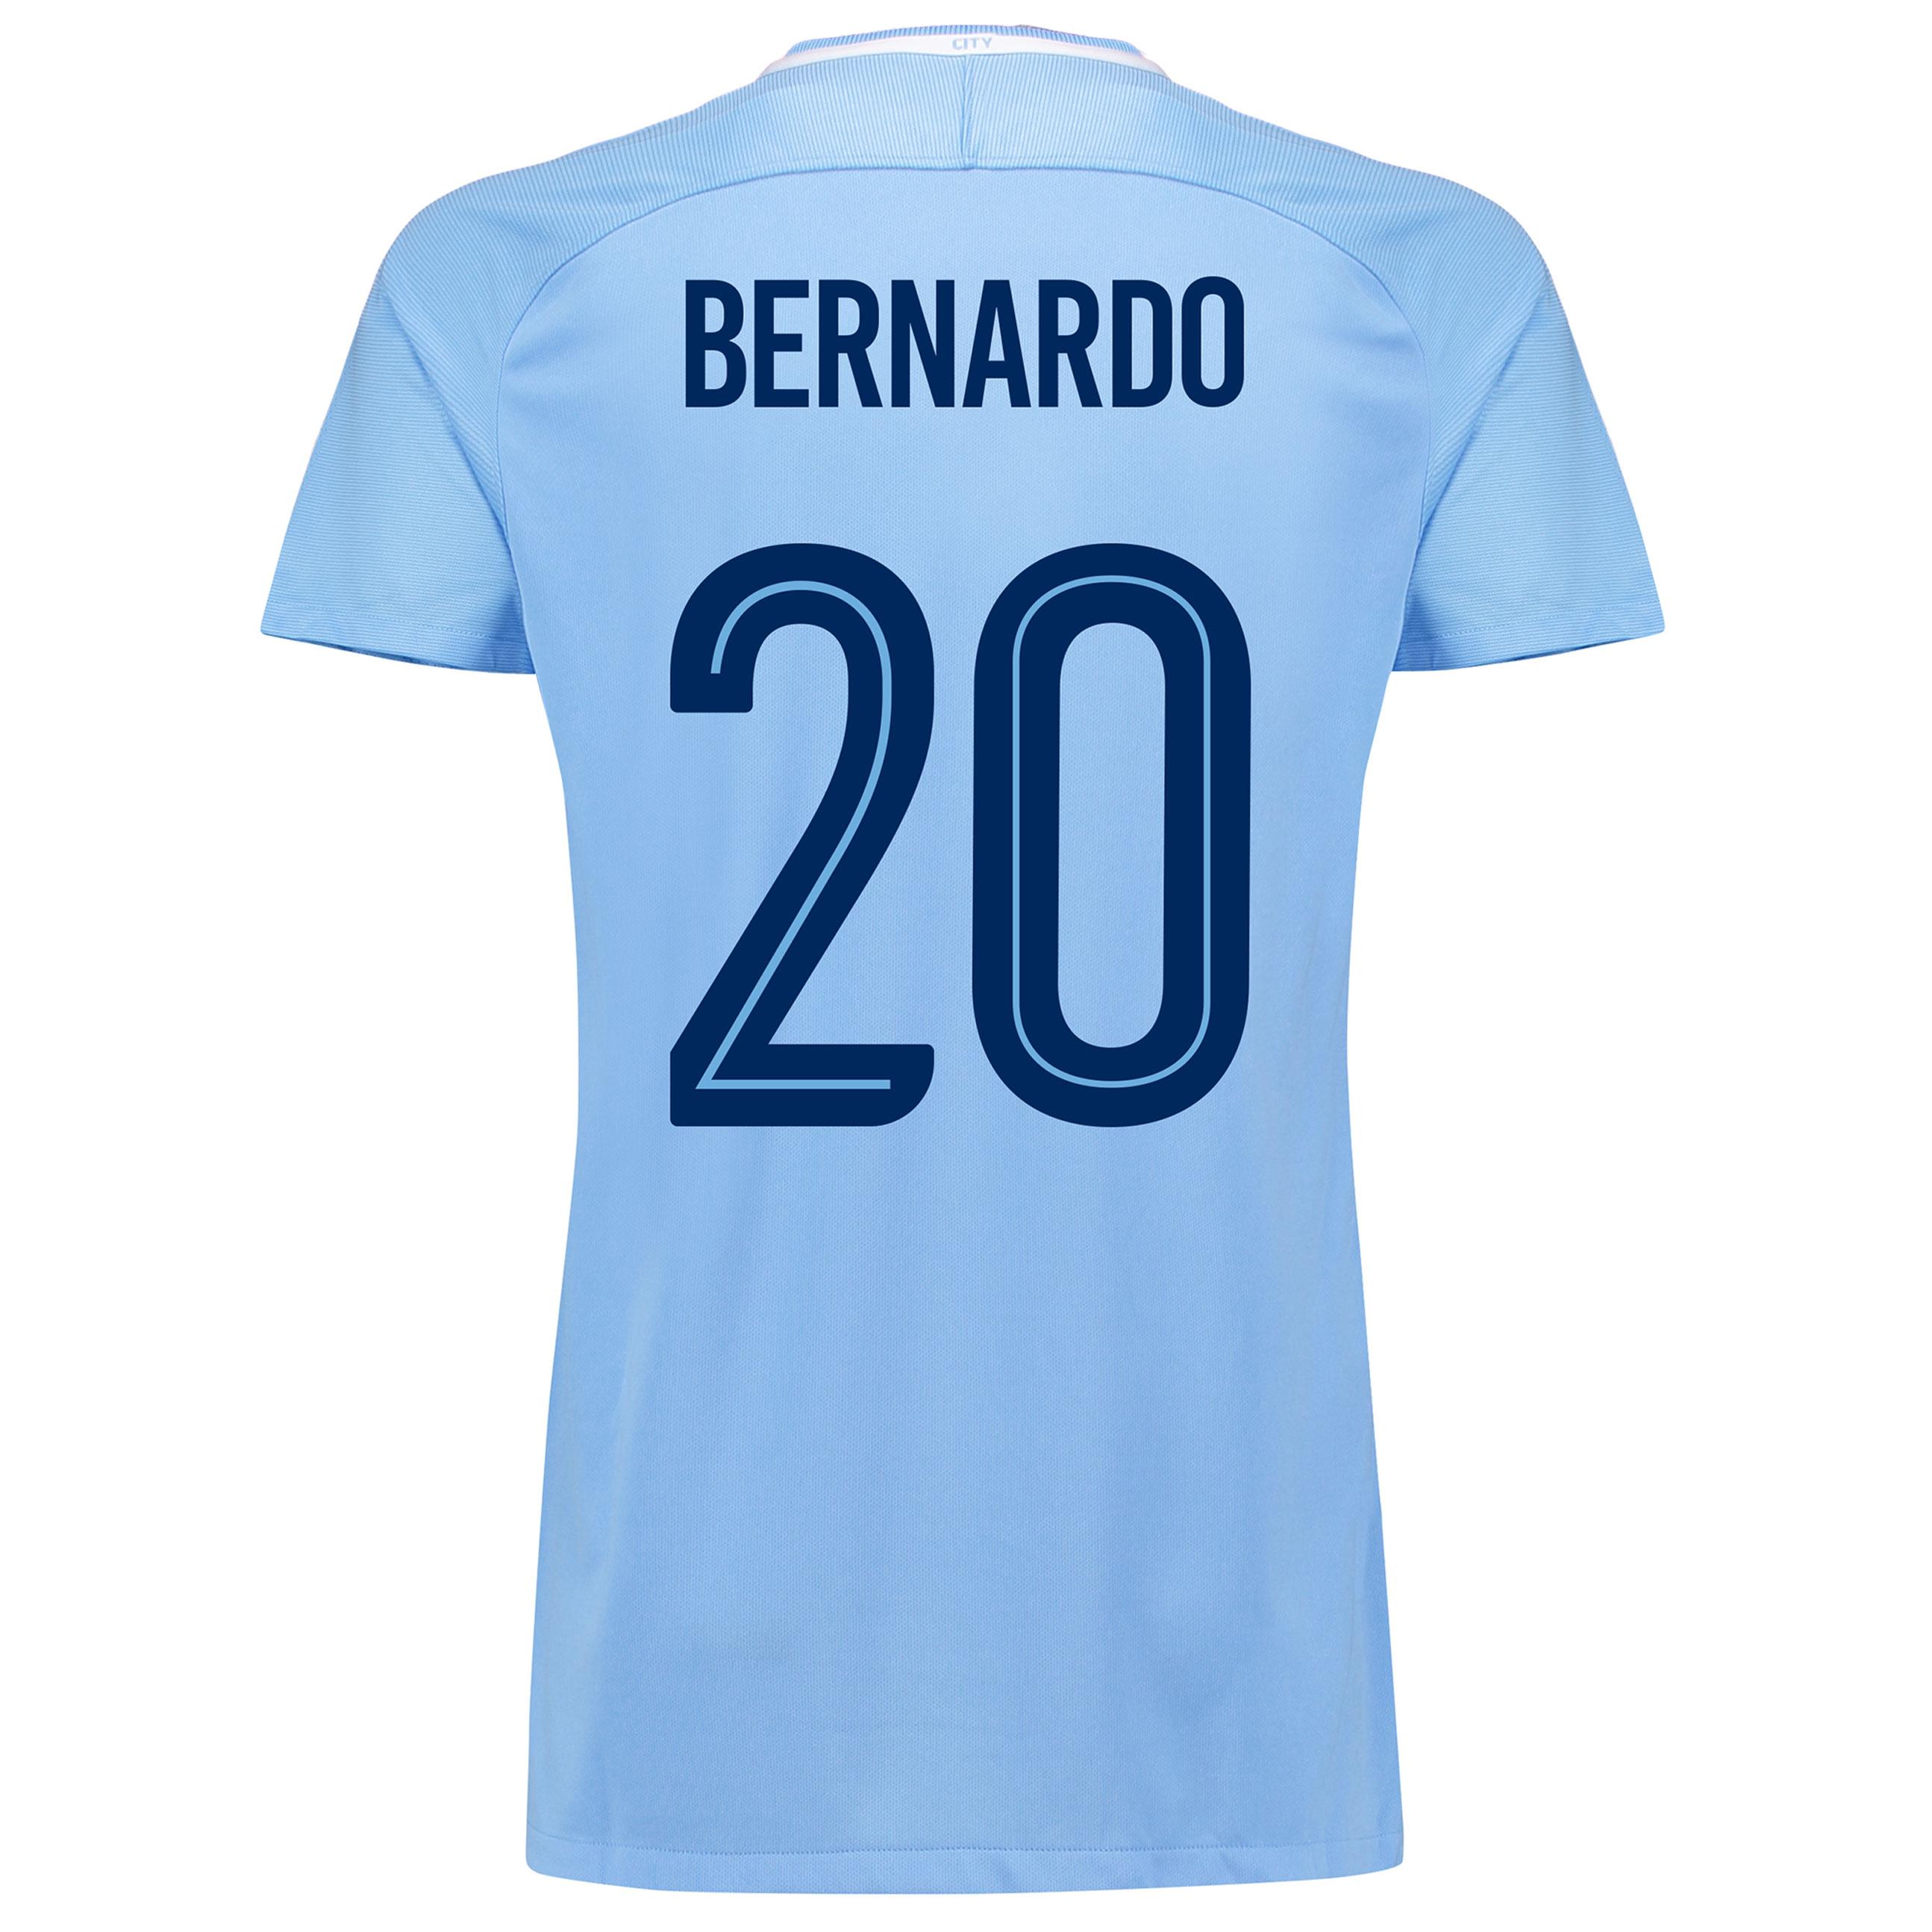 Manchester City Home Stadium Cup Shirt 2017-18 - Womens with Bernardo